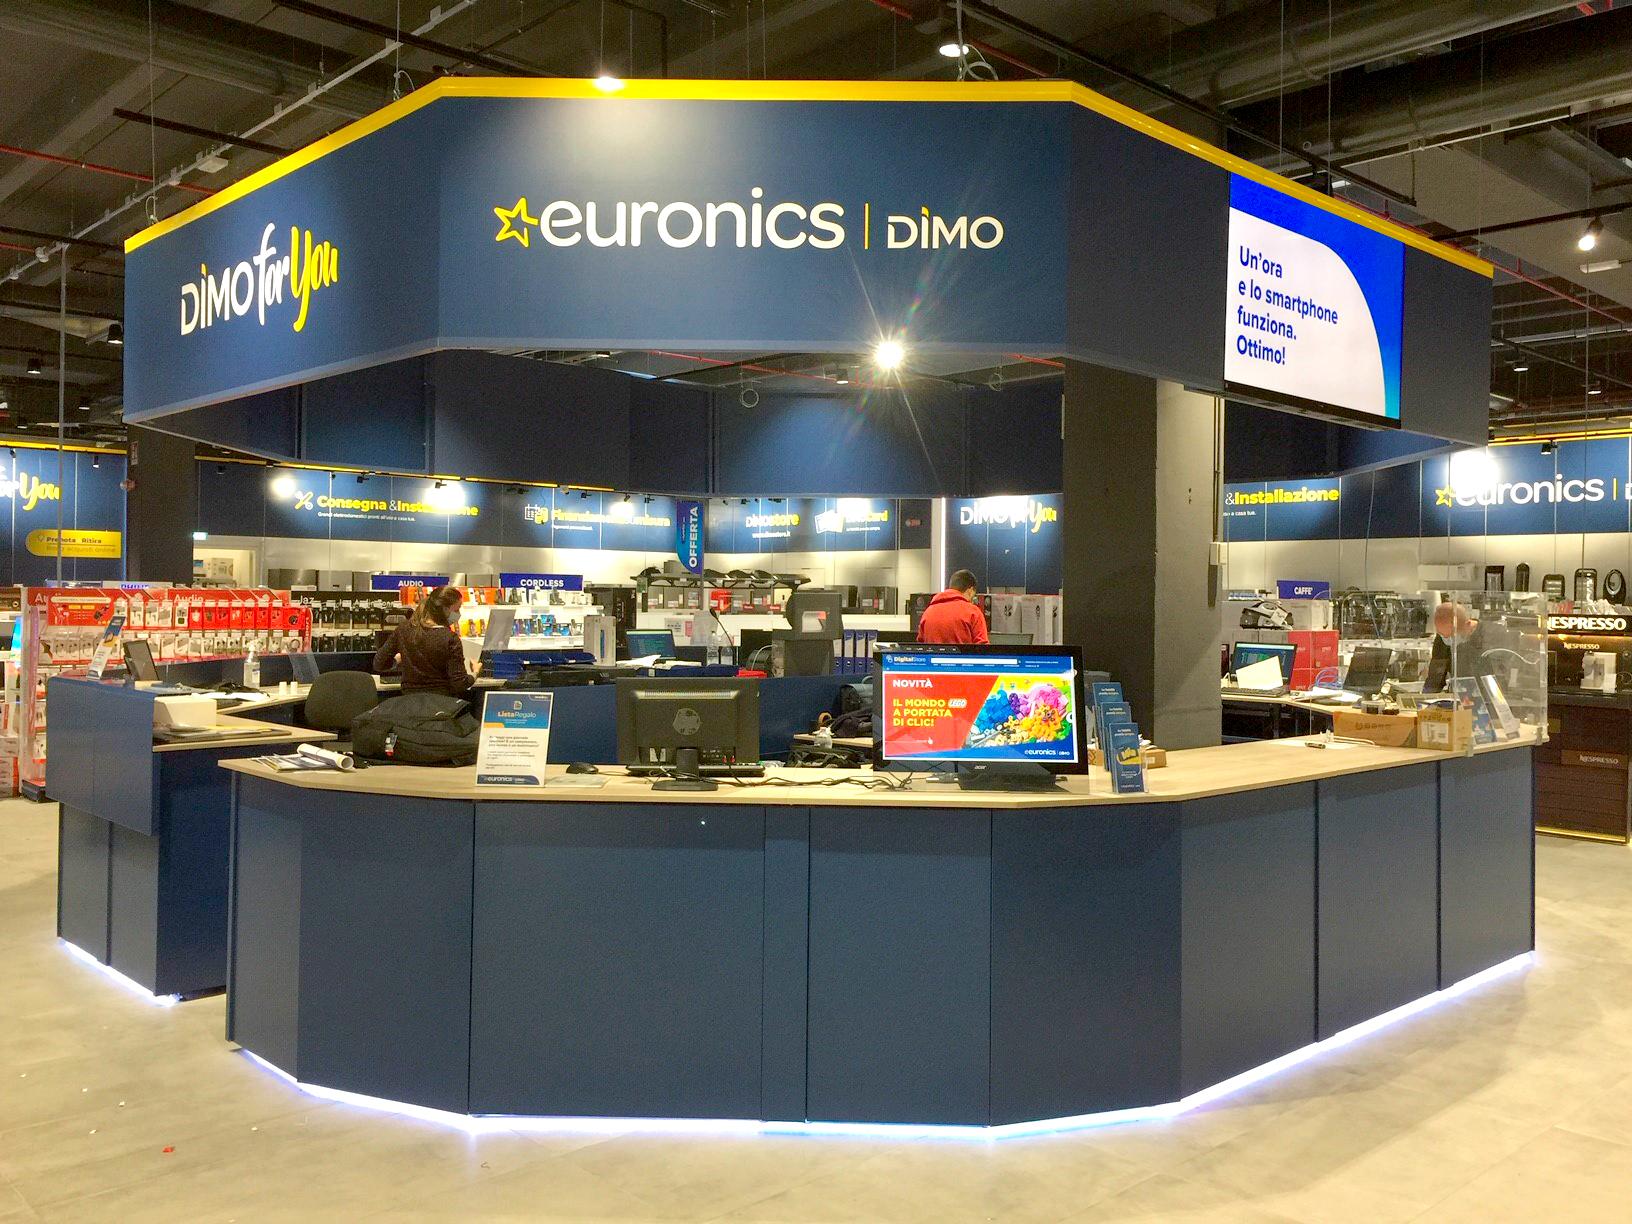 Nuovi store Euronics a Como e Osnago (LC)